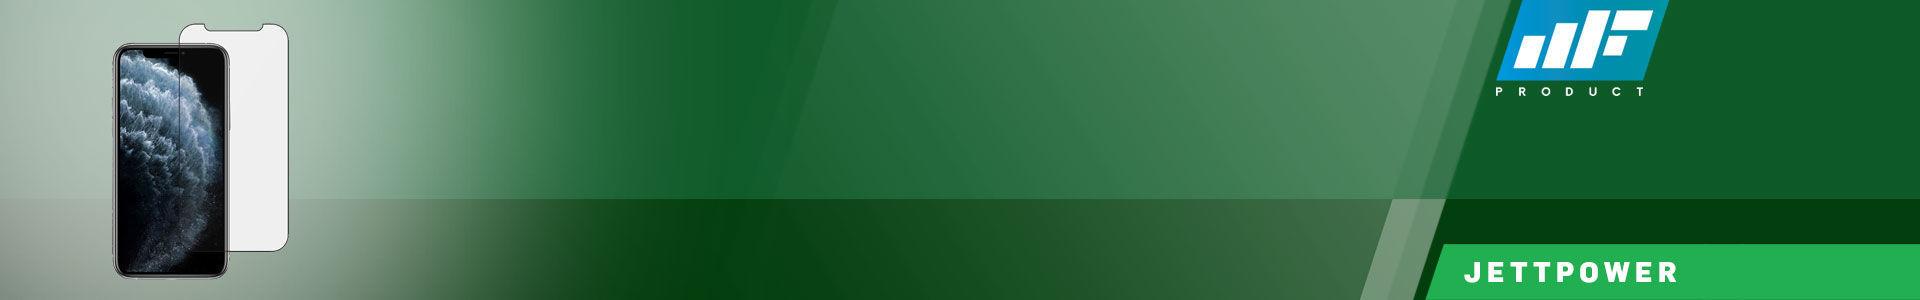 MF Product Jetpower 0377 Klasik Ekran Koruyucu Cam iPhone Xs Max / 11 Pro Max için en doğru adrestesin!